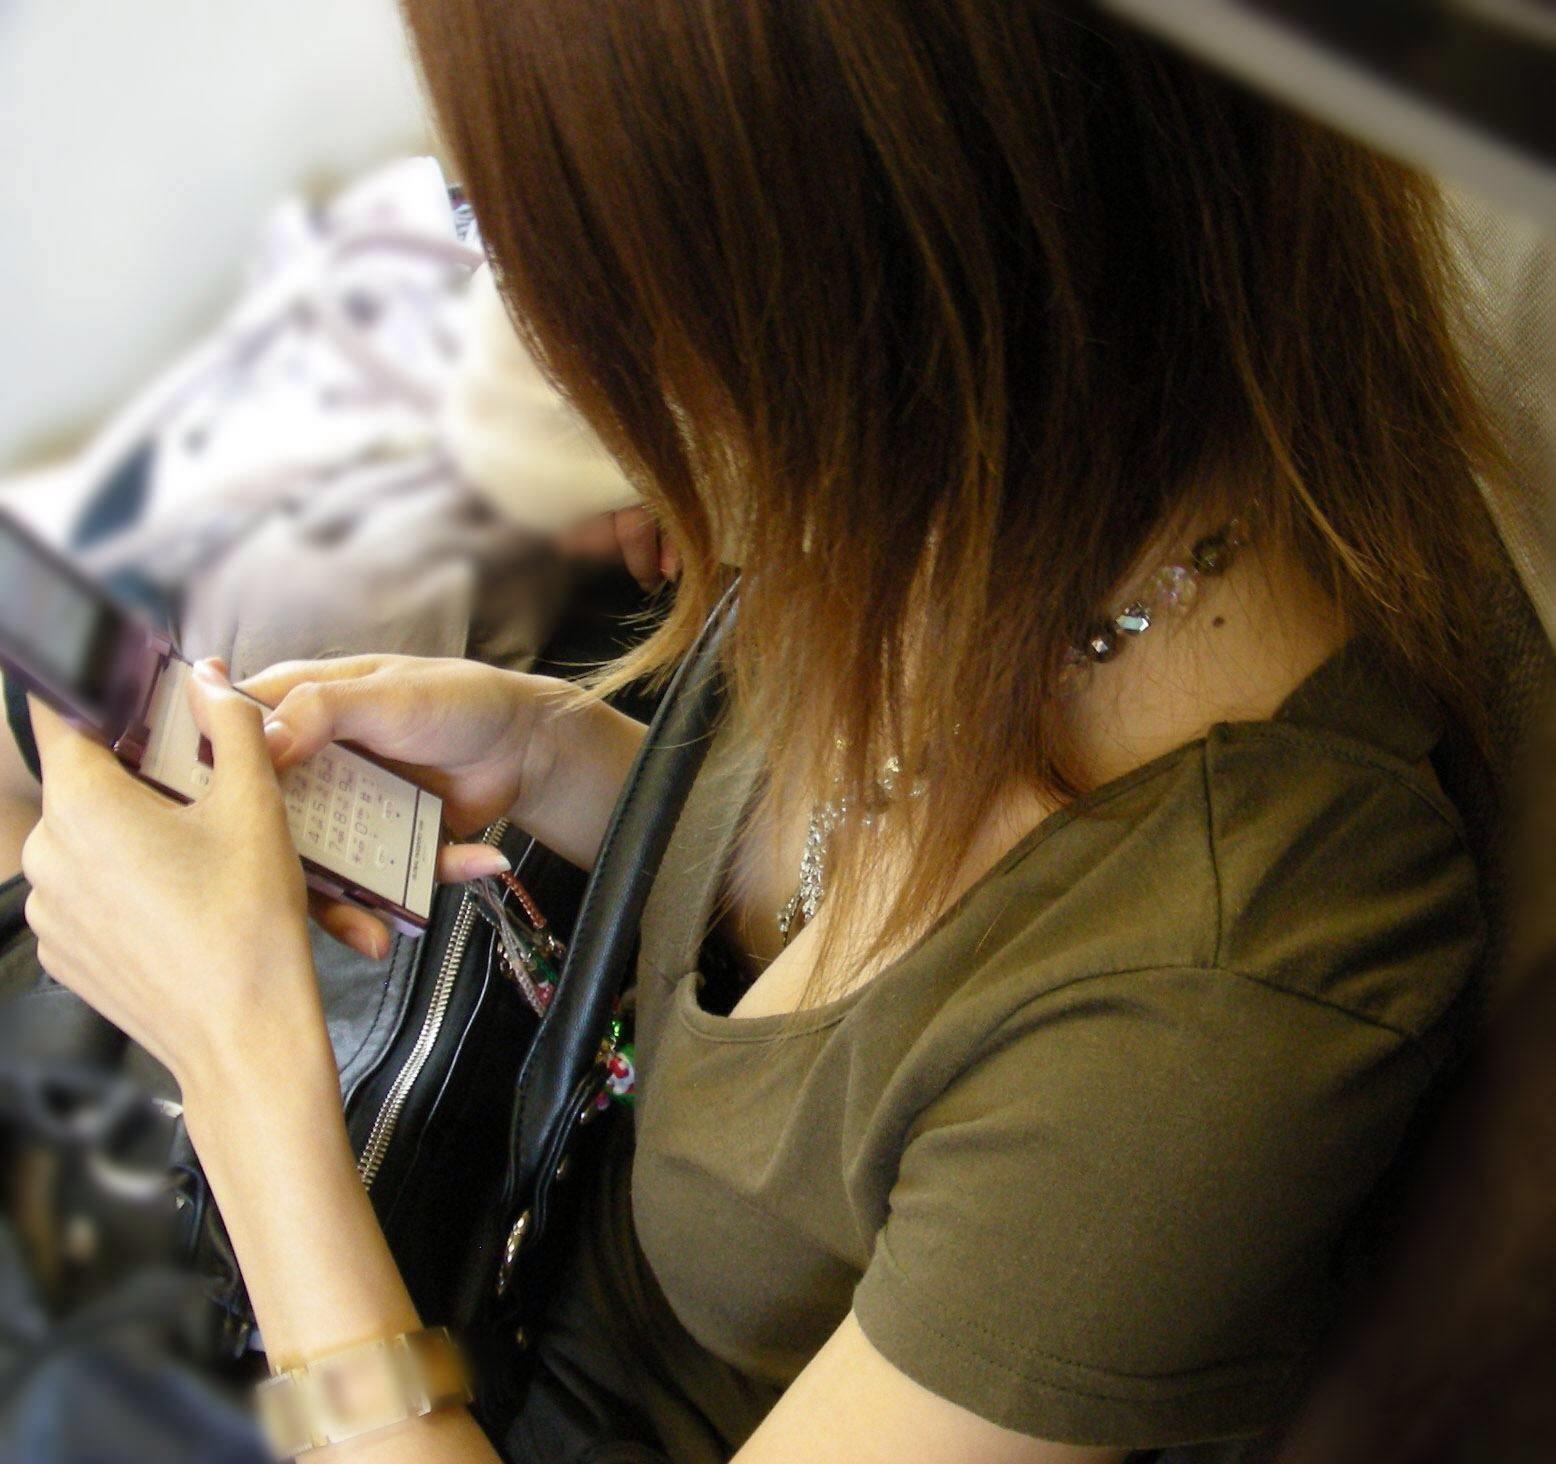 これからの時期胸チラおっぱい見放題www素人の柔らかそうな乳房にテント不可避www 01135